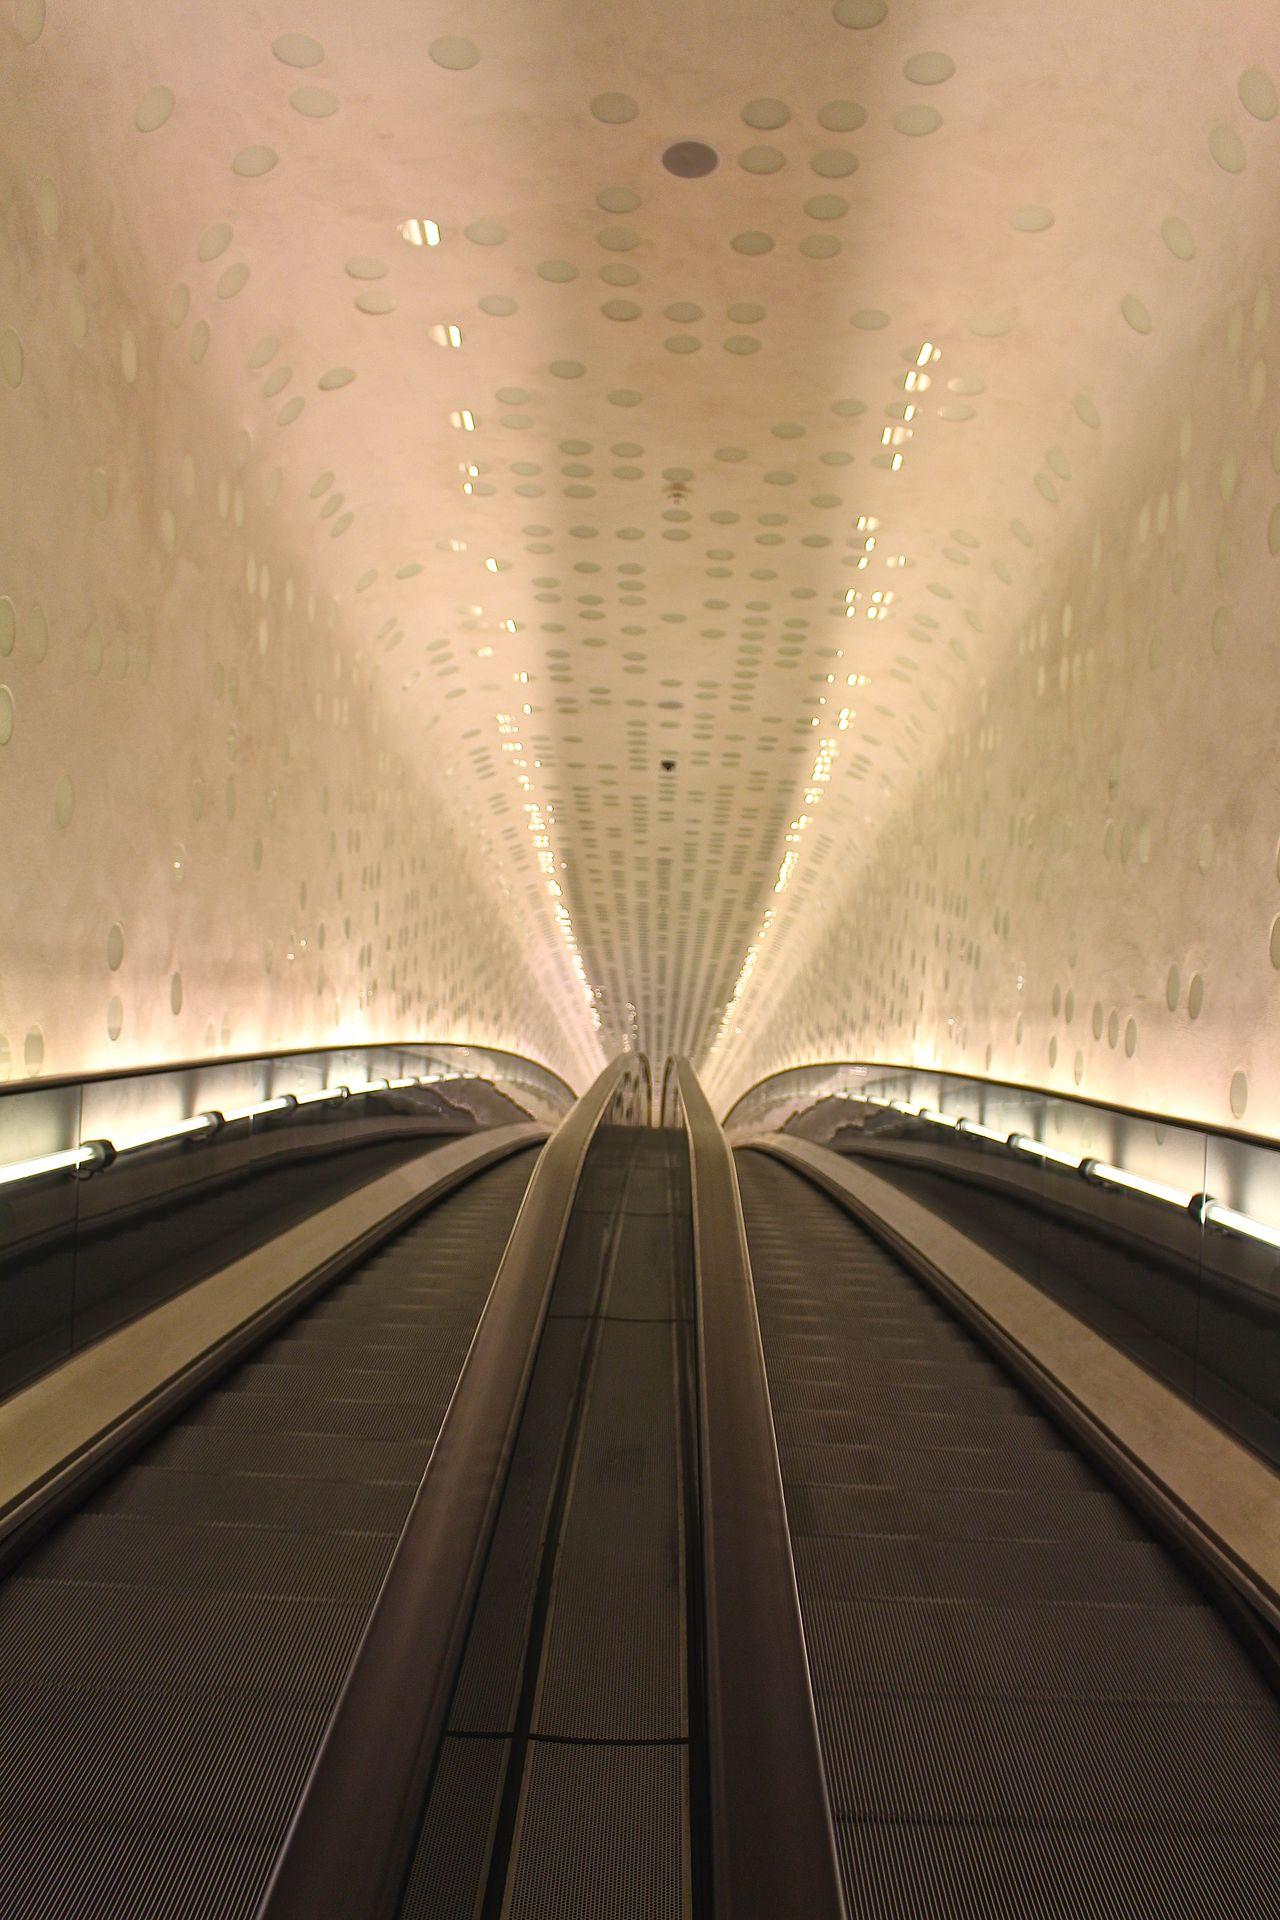 Architecture Citytrip Eingang Elbphilharmonie Elbphilharmony Entrance Escelator Hamburg Illuminated Rolltreppe Transportation Tube